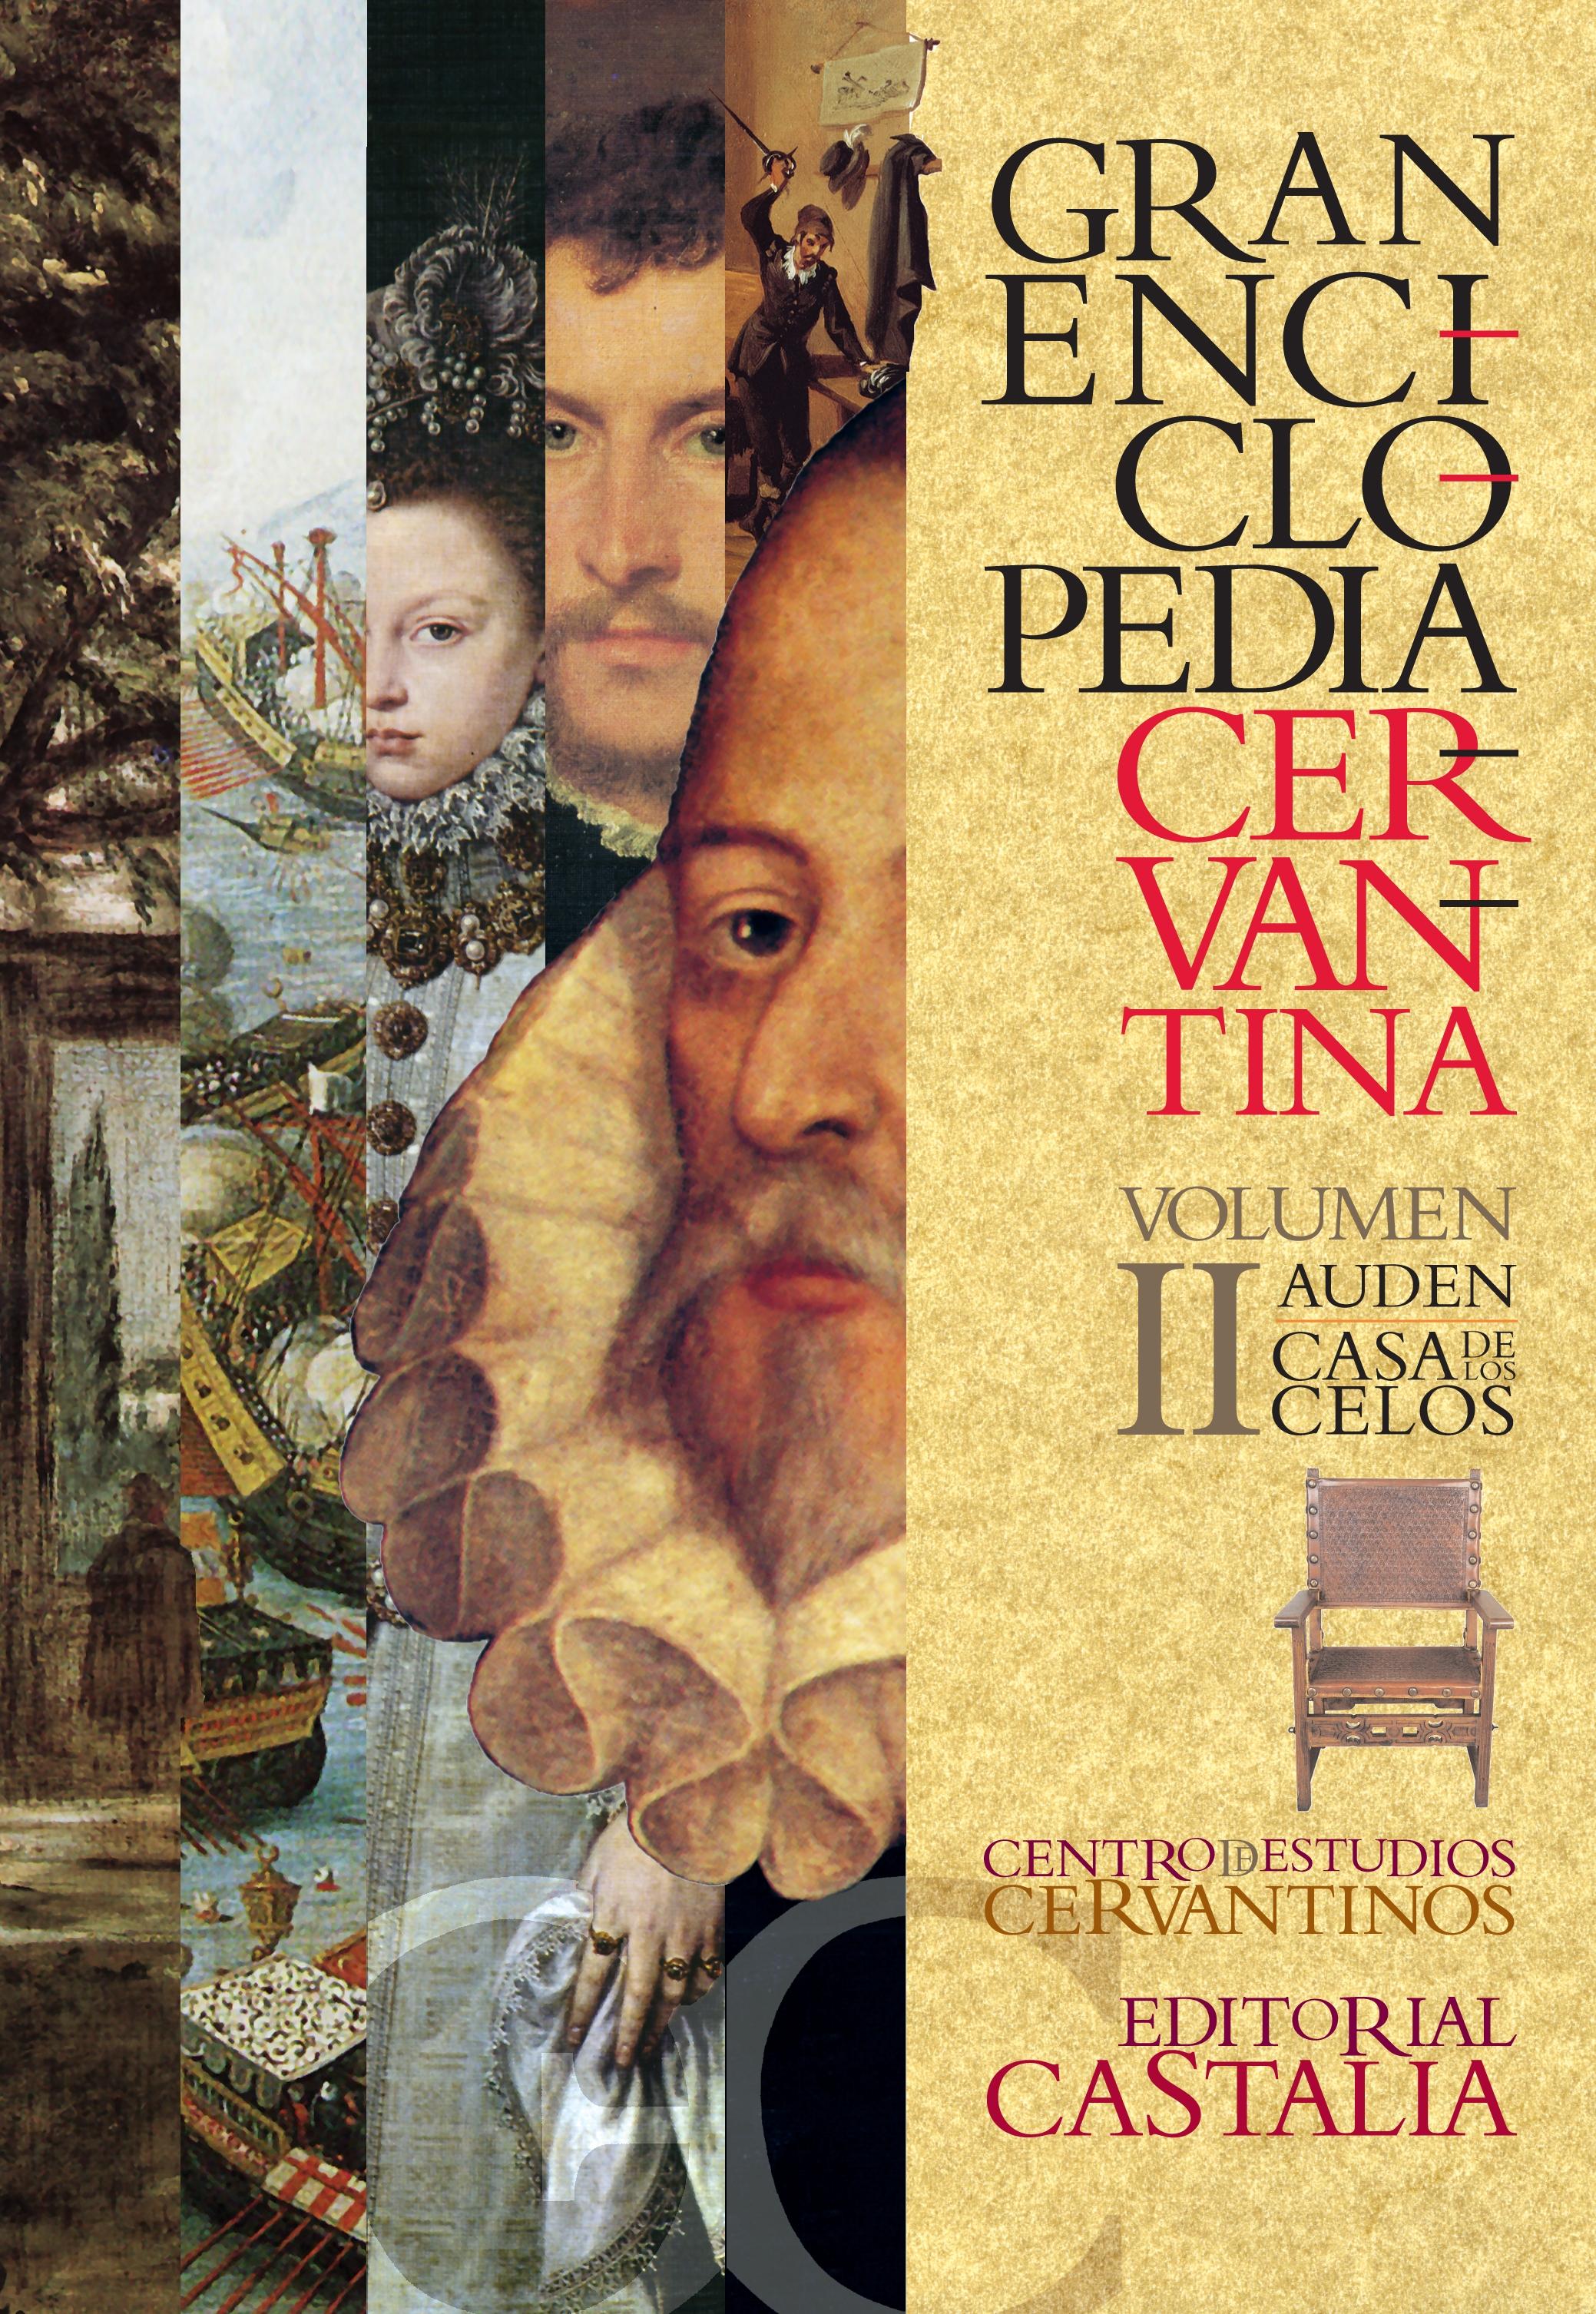 Gran Enciclopedia Cervantina. Volumen II. Auden. Casa de los celos